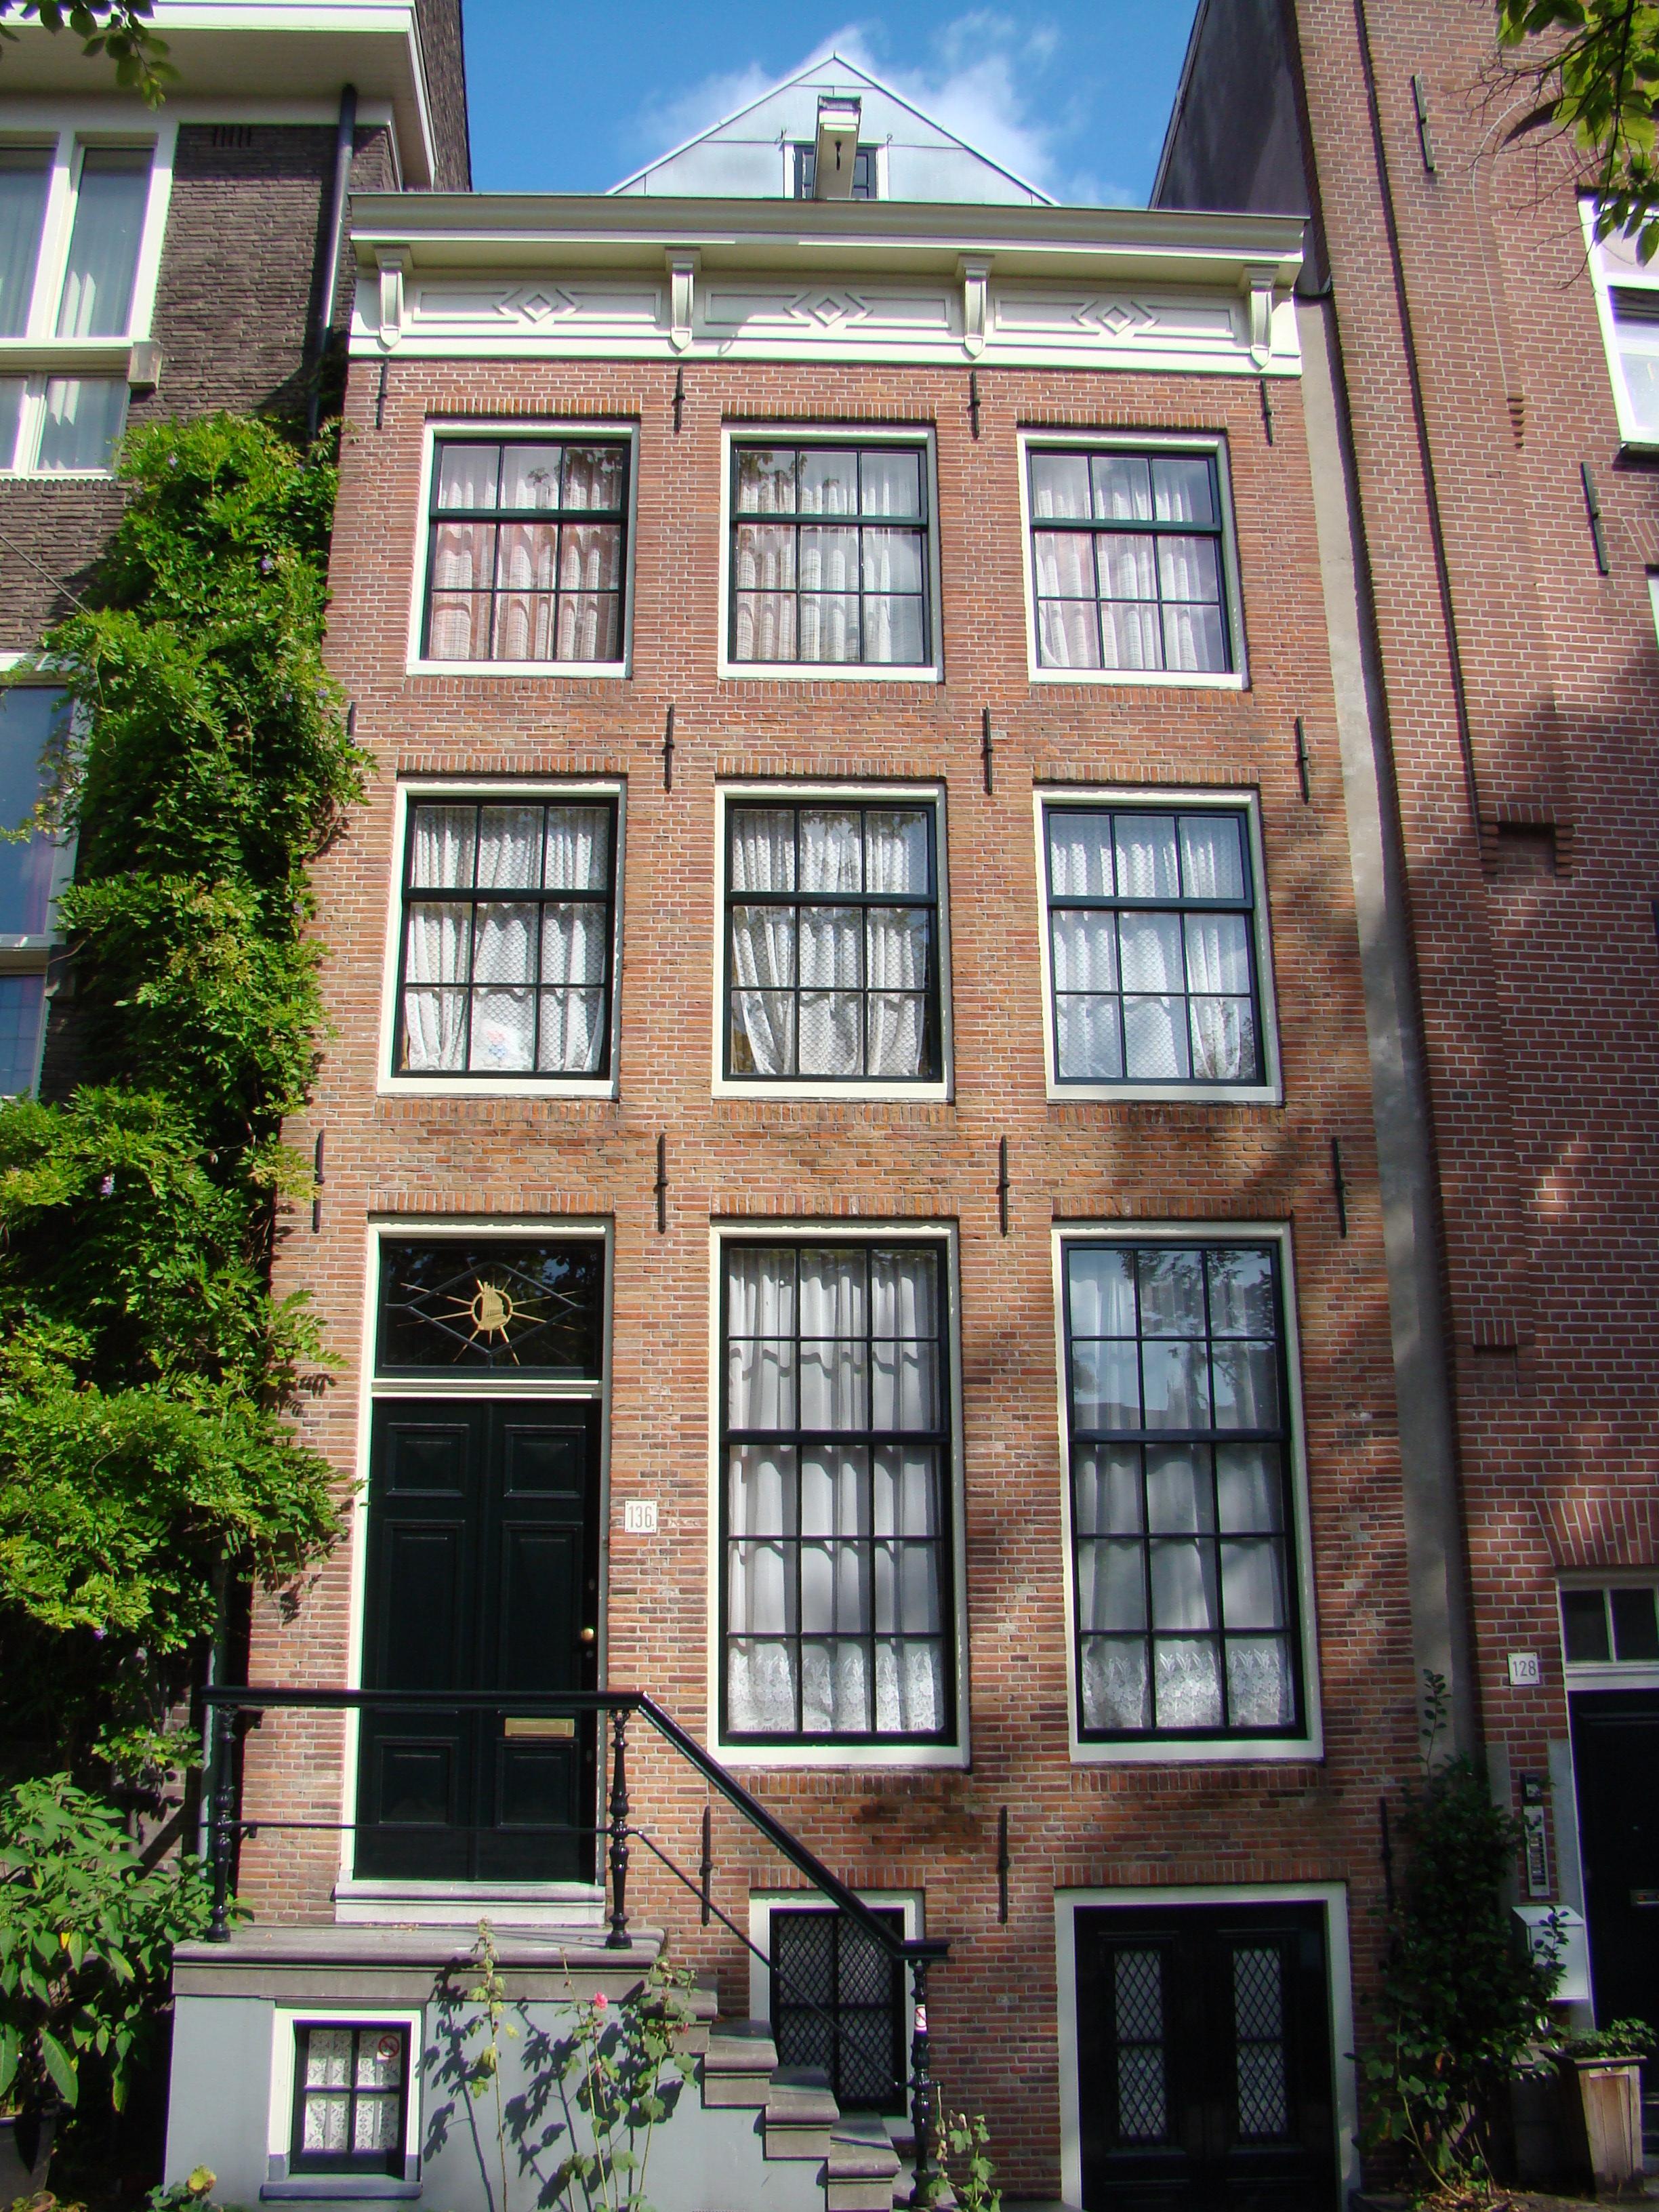 Huis met gevel die wordt afgesloten door een rechte lijst for Lijst inrichting huis